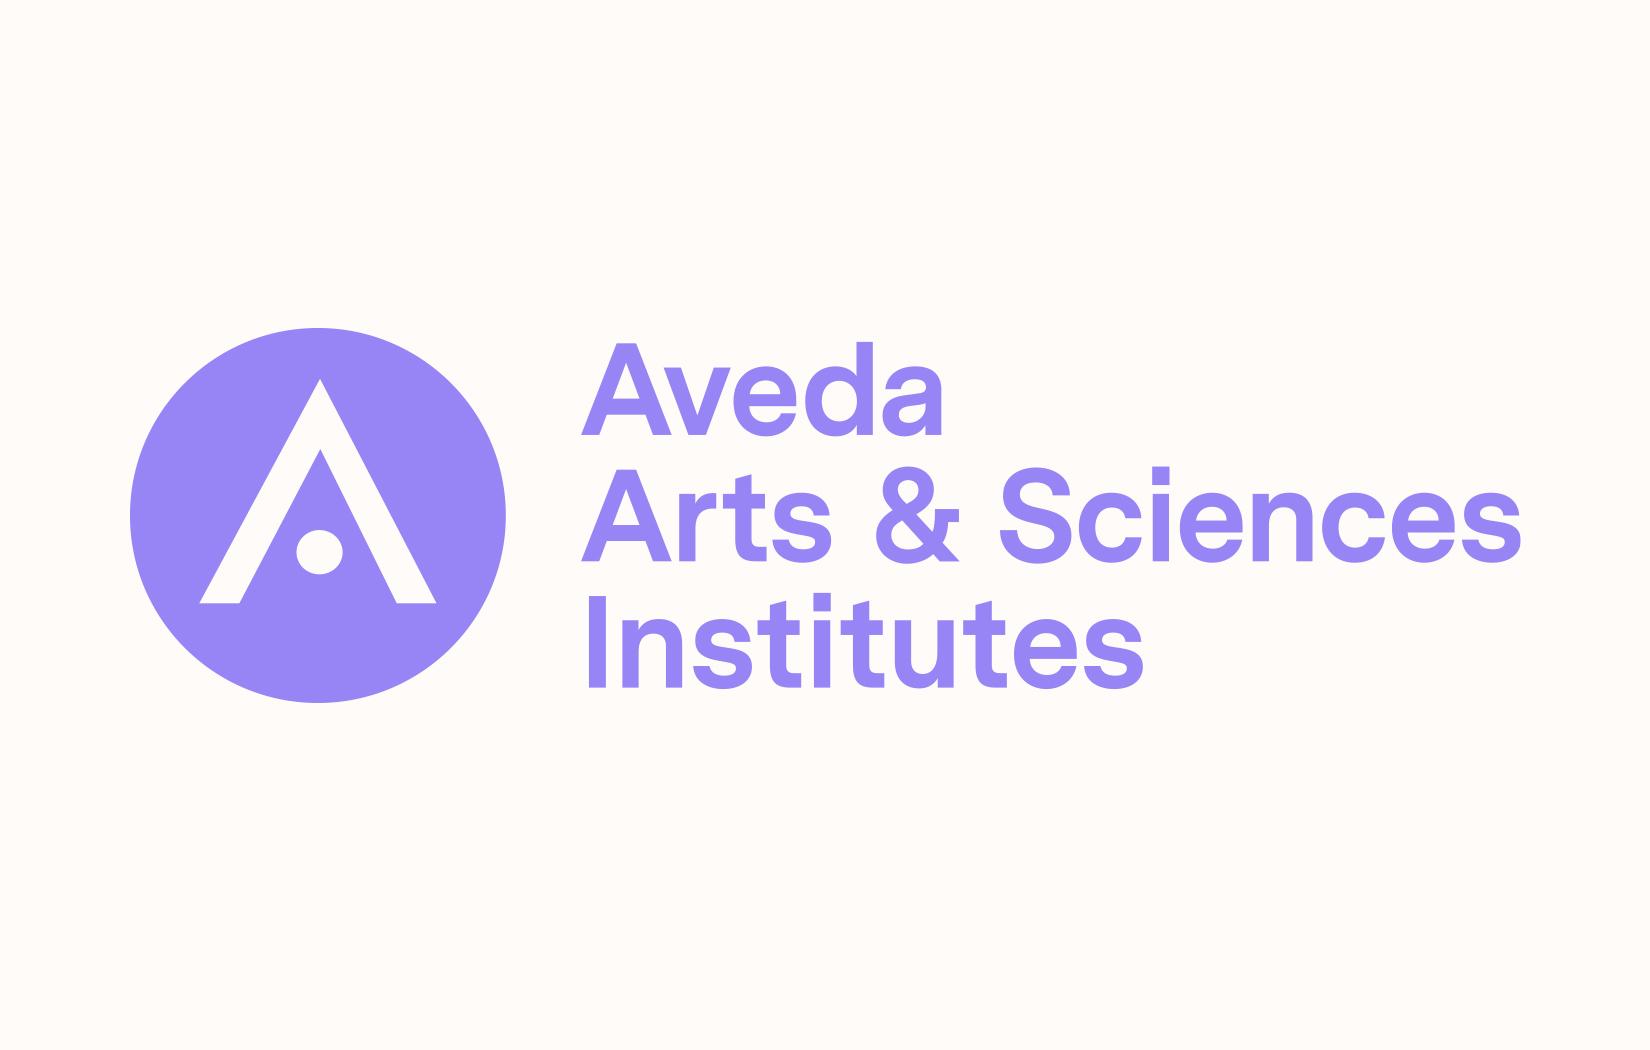 Aveda Arts & Sciences